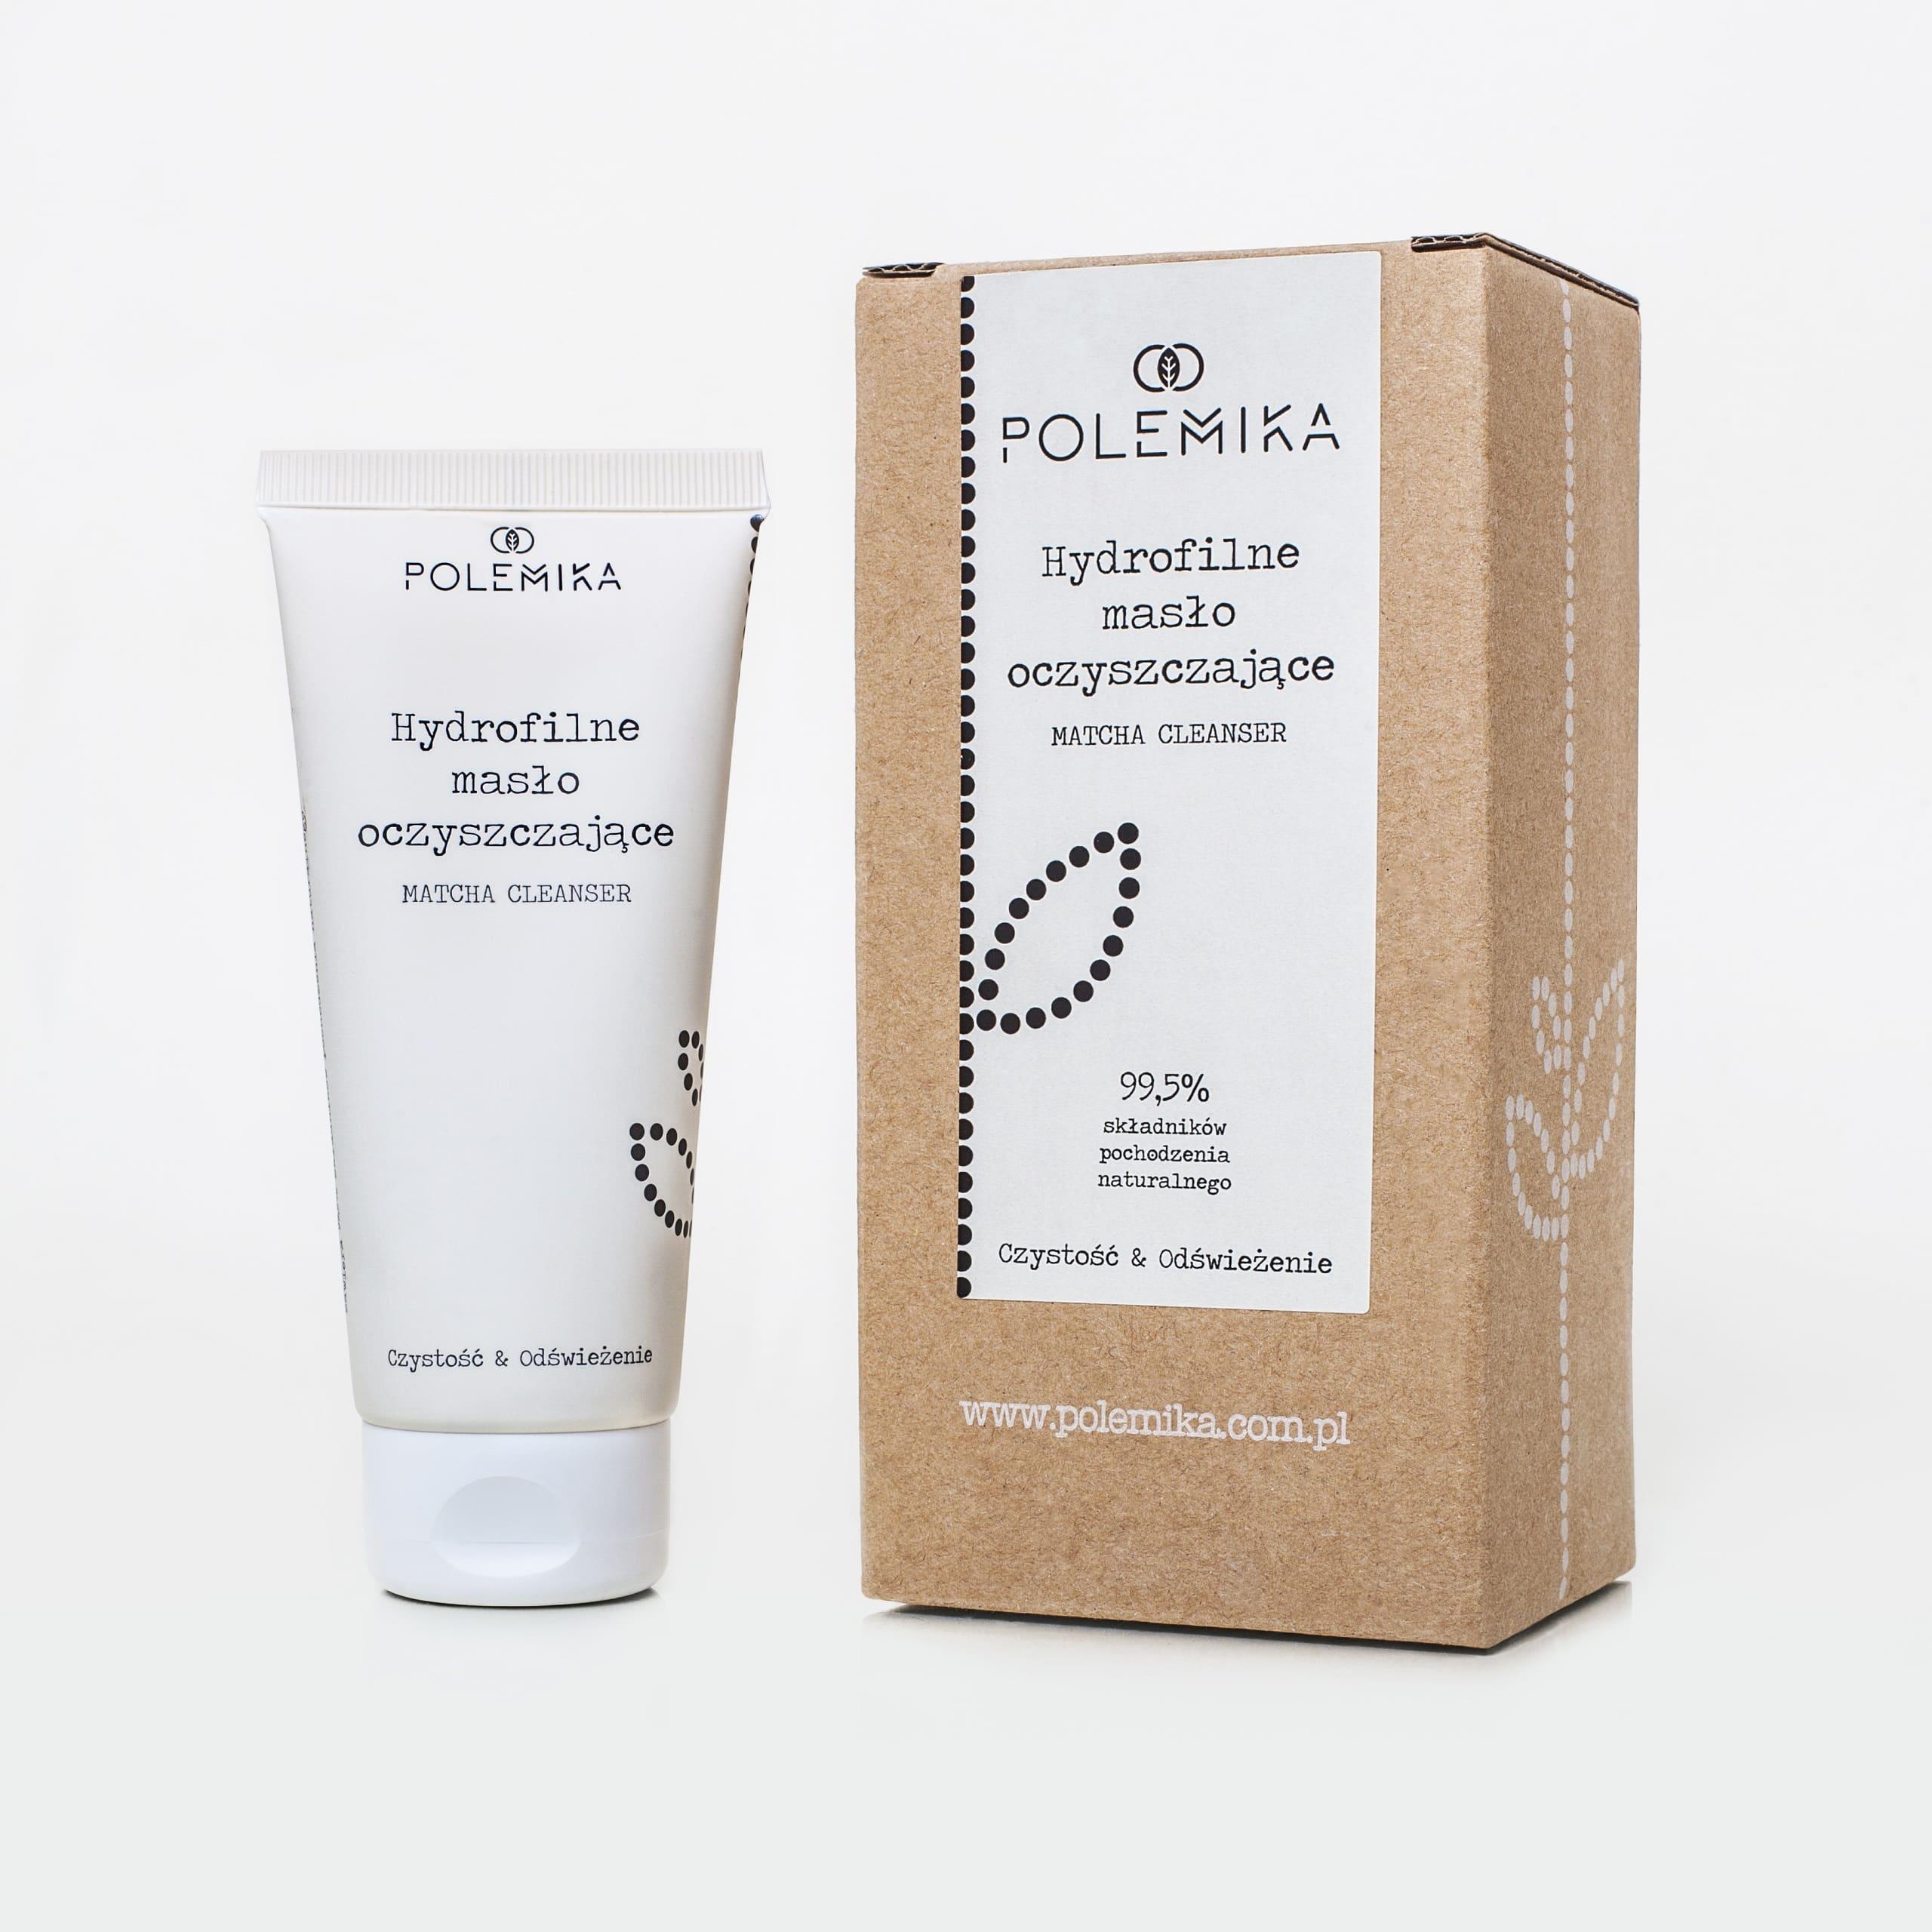 Produkt - Hydrofilne masło oczyszczające do twarzy - Polemika